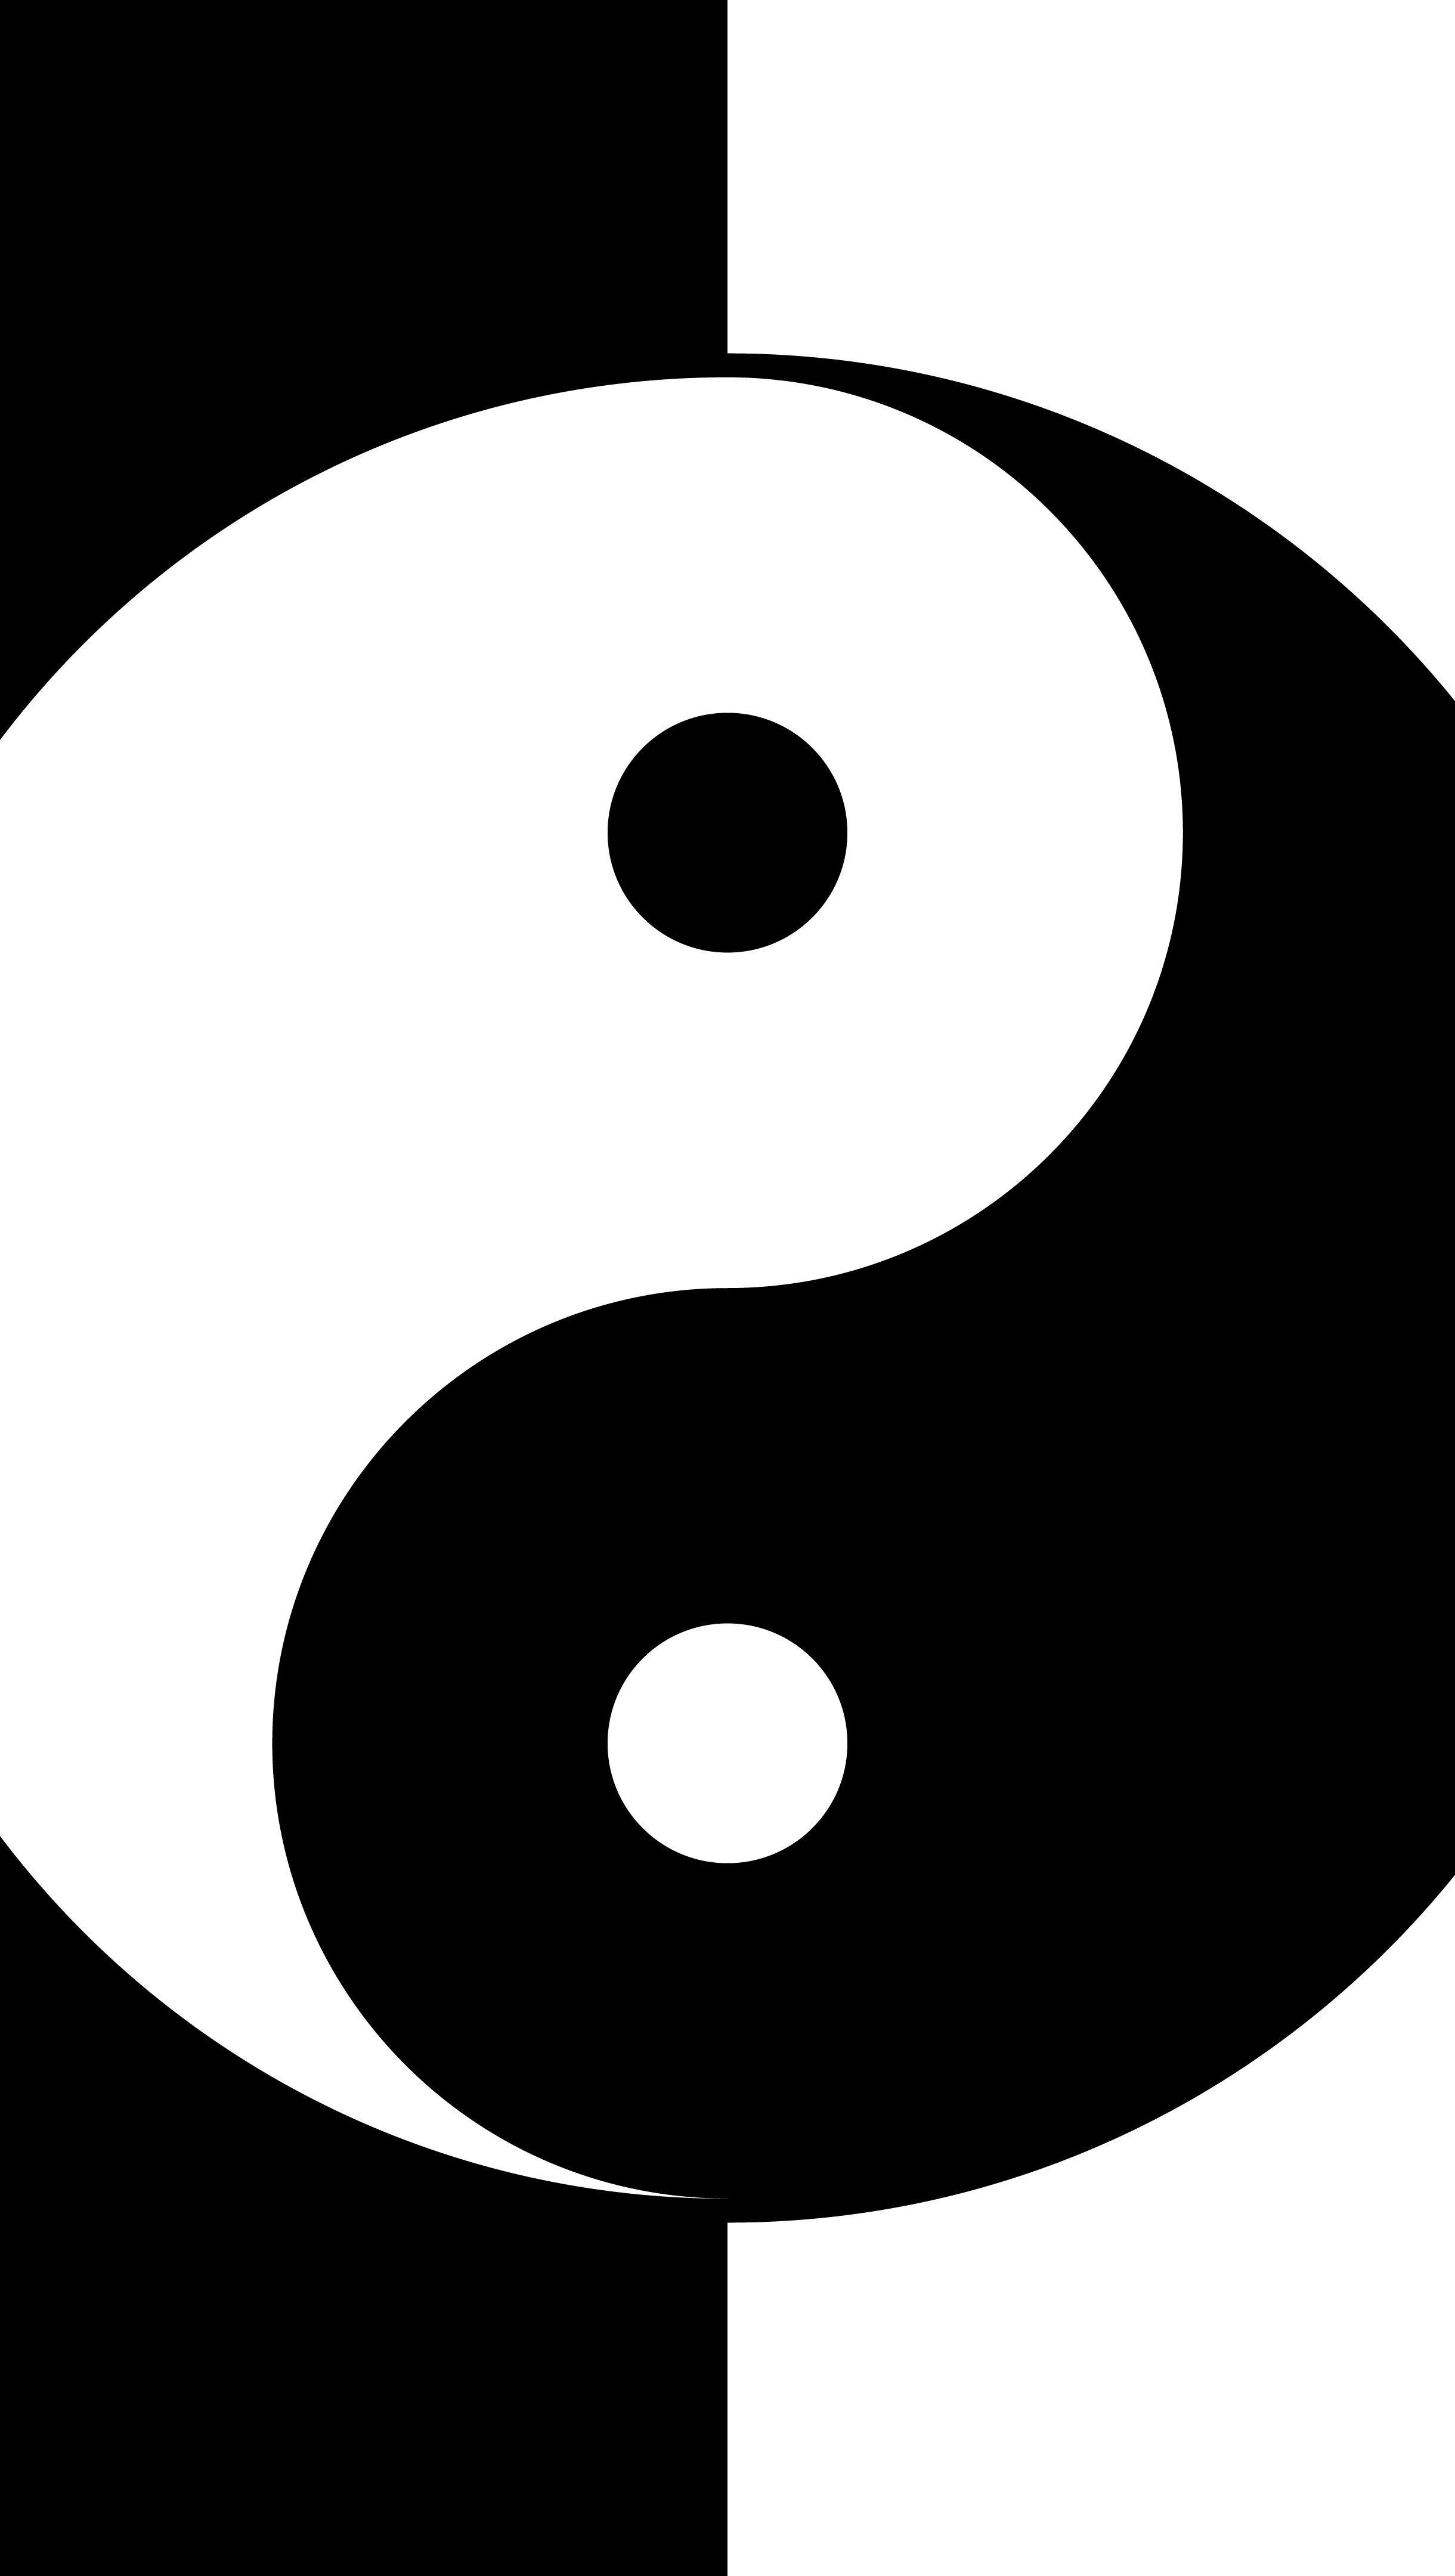 Fondos de pantalla Yin y yang Vertical